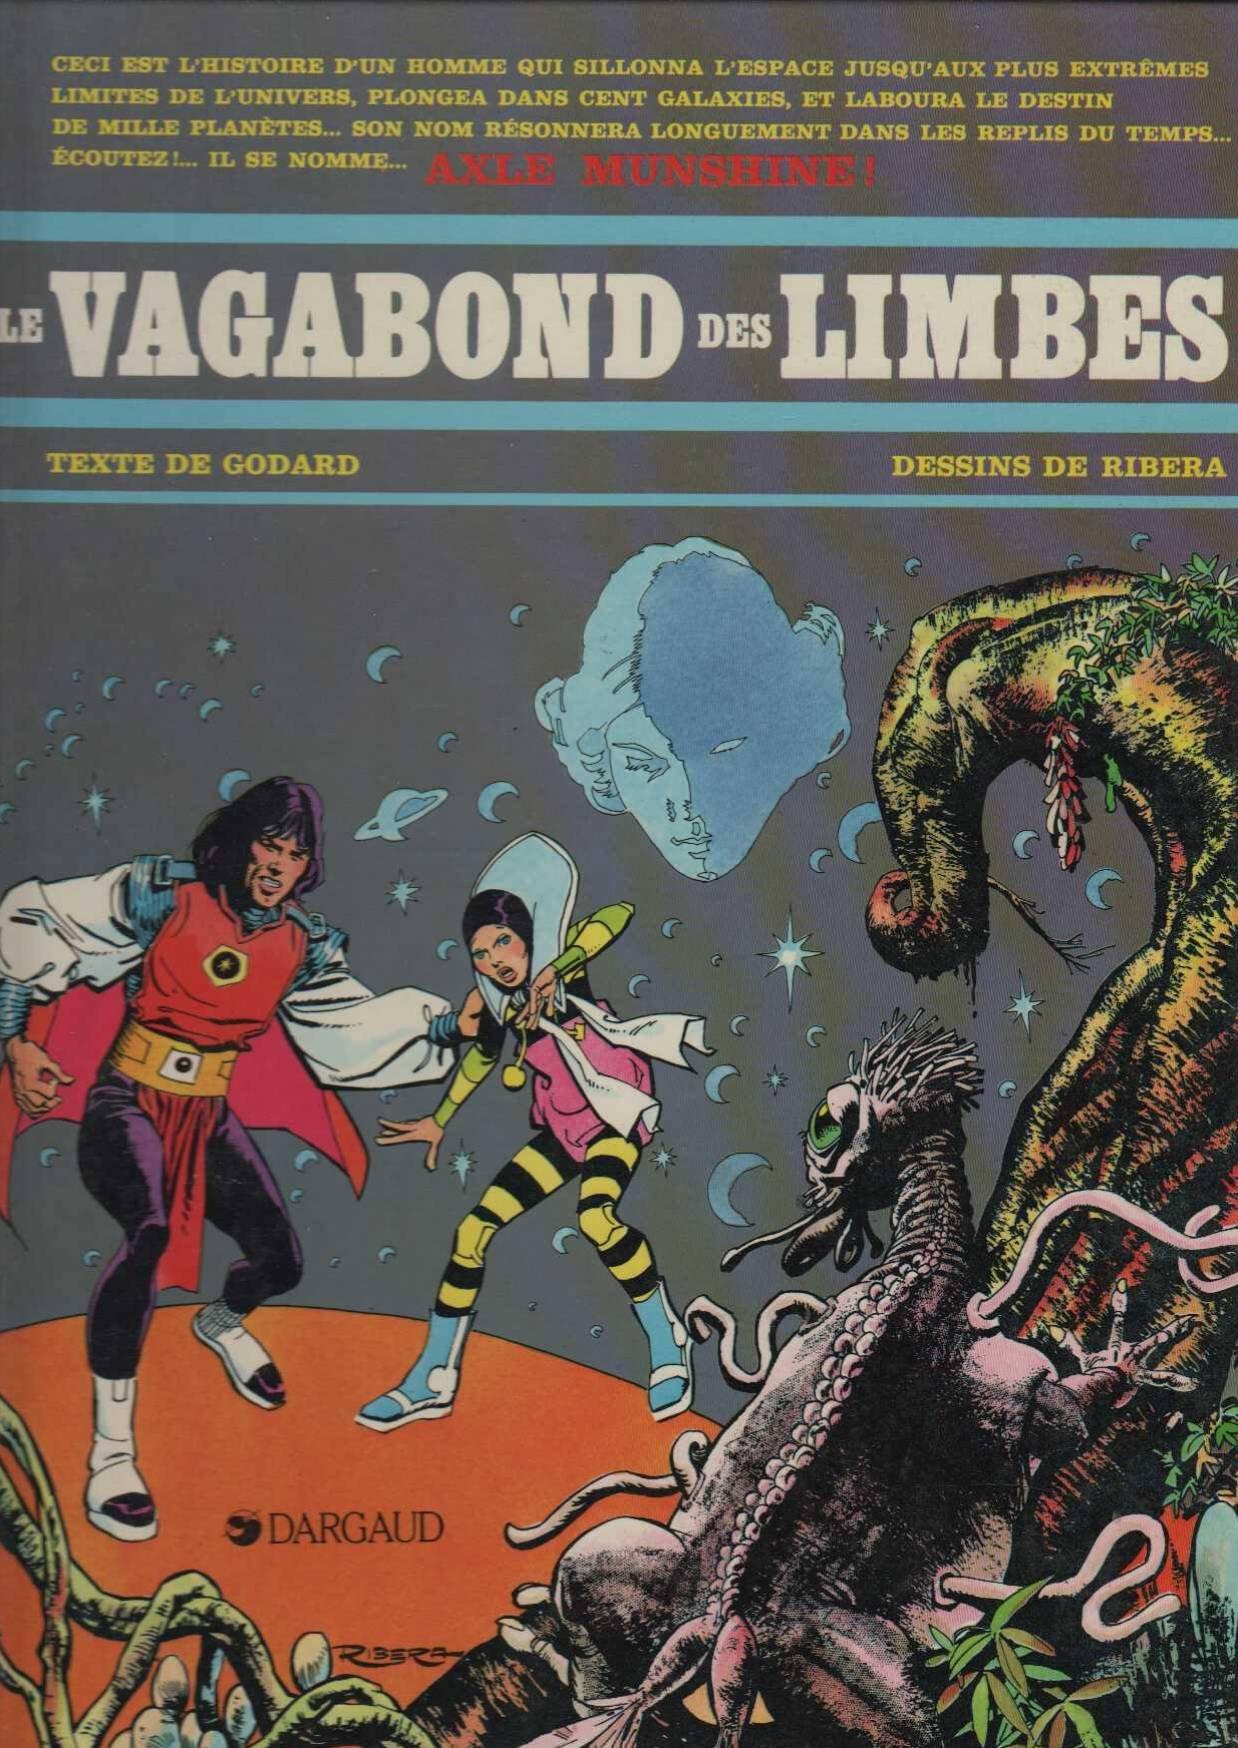 LE VAGABOND DES LIMBES - LE LABYRINTHE VIRGINAL Album – 1 décembre 1988 Jean-Michel Charlier Jean Giraud Dargaud 2205006959